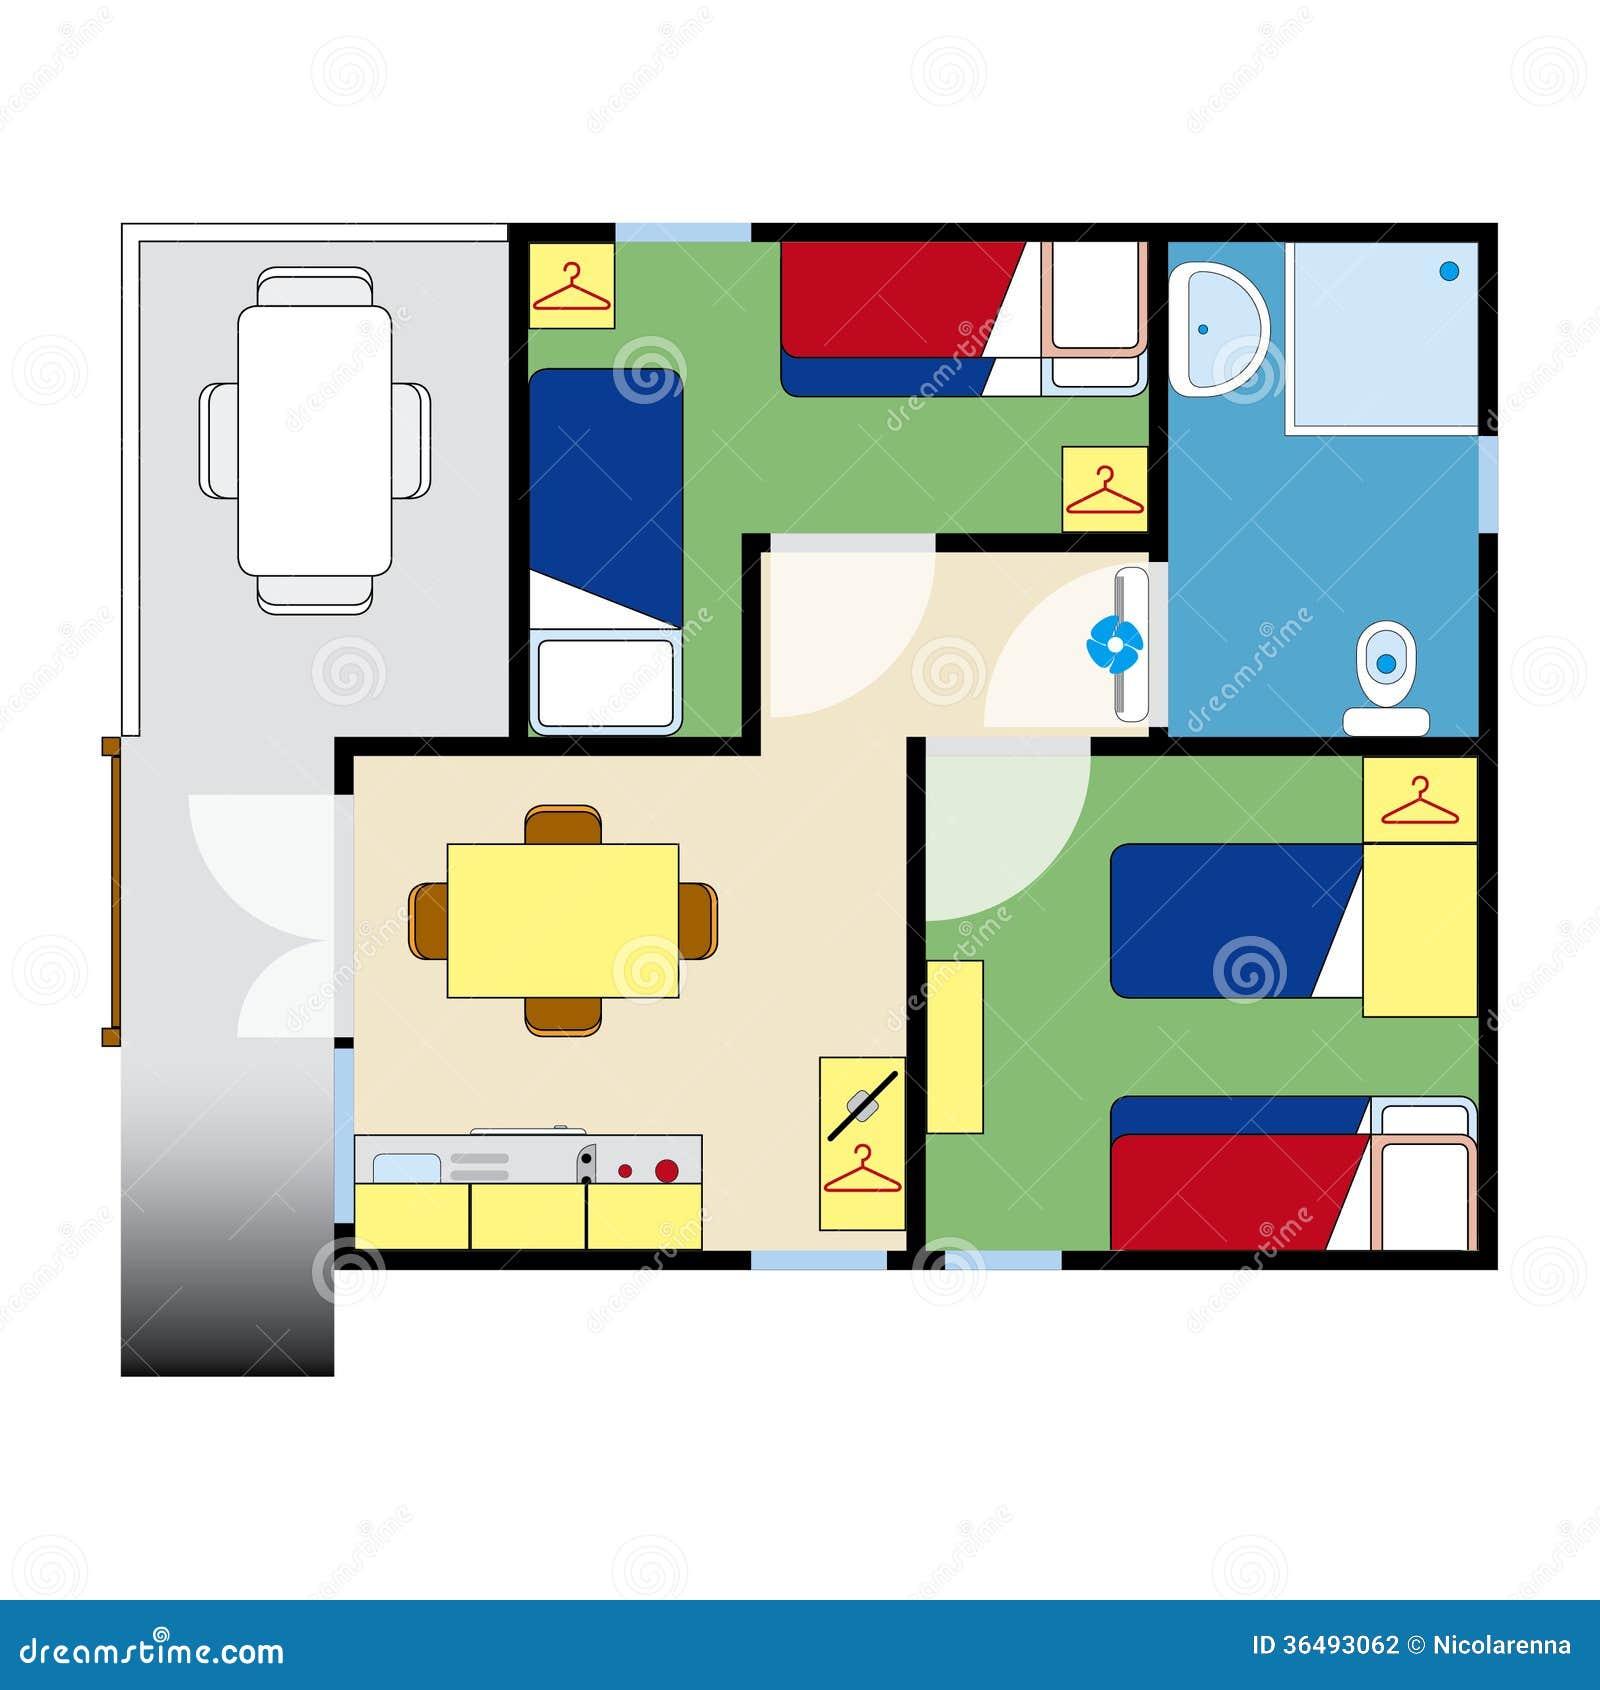 Wohnungsplan  Wohnungsplan Stockfotografie - Bild: 36493062